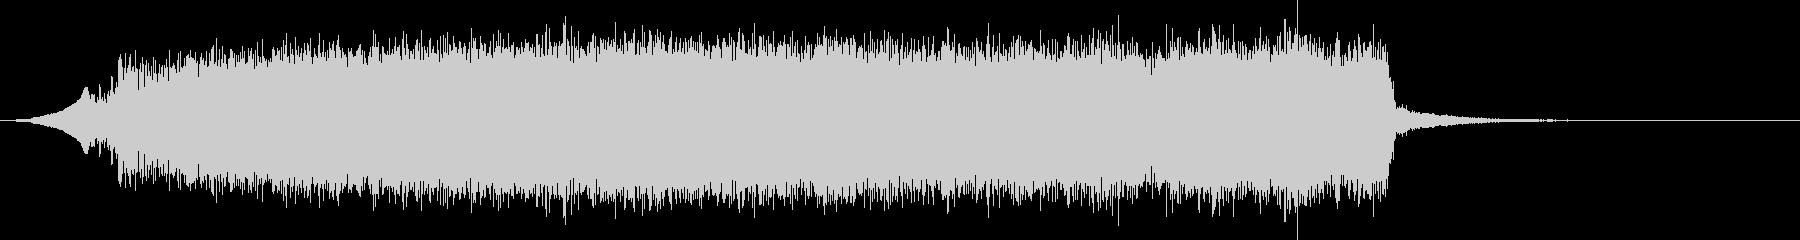 グワ〜ン_脳みそが溶けそうな音(THX)の未再生の波形